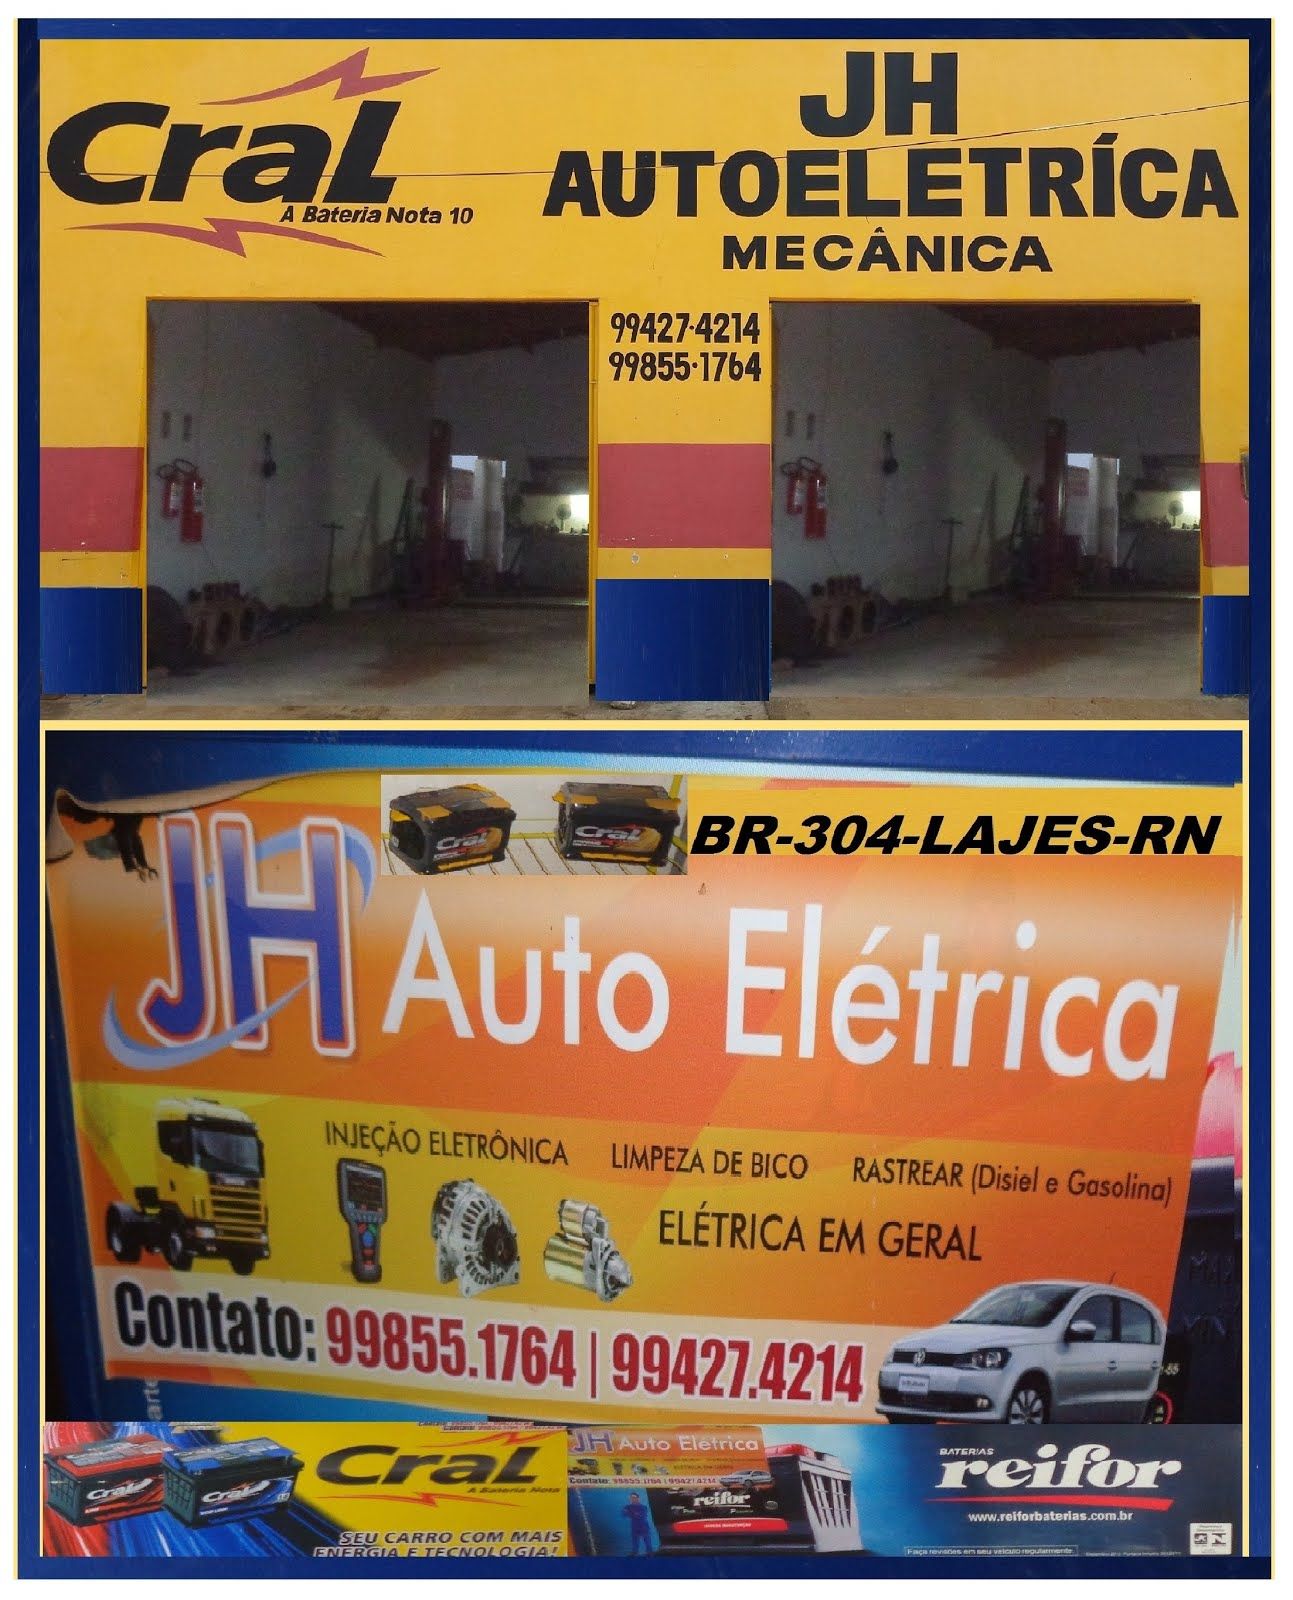 JH.AUTO ELÉTRICA E MÉCANICA